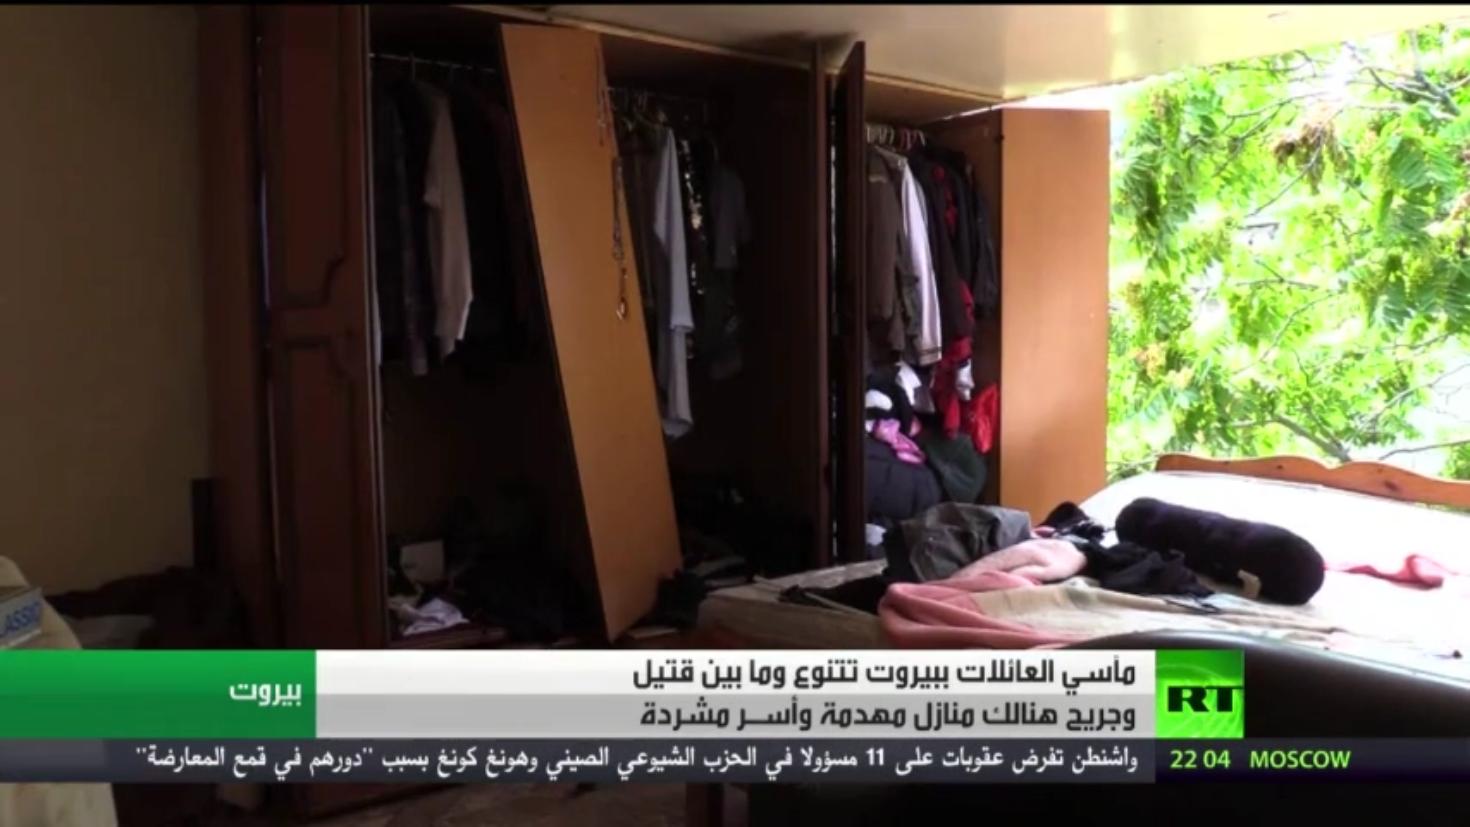 ارتفاع عدد قتلى انفجار مرفأ بيروت إلى 154